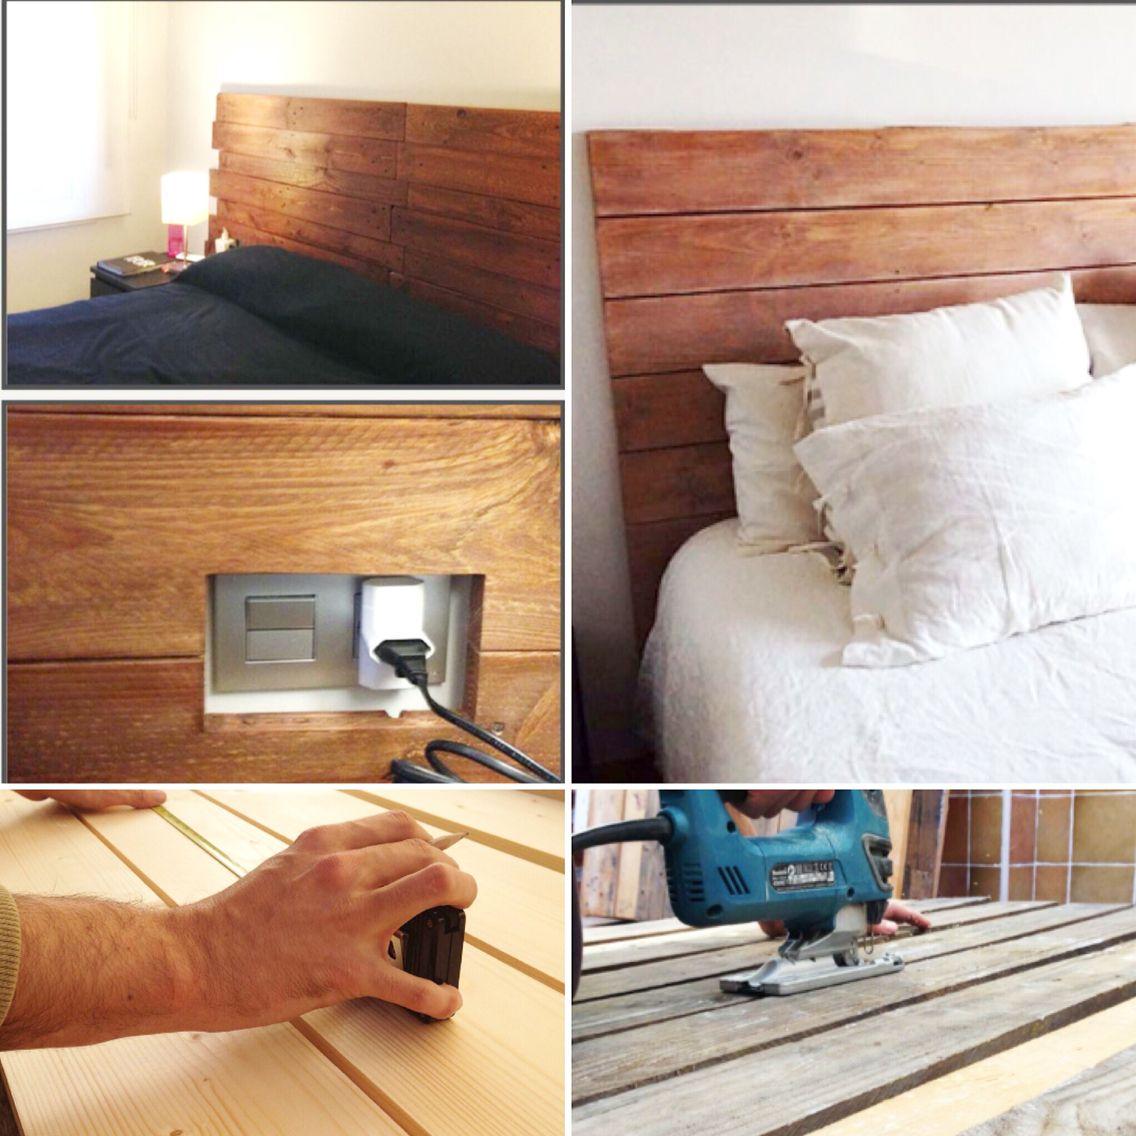 Esta semana en IBID trabajamos en un nuevo encargo: cabecero de cama en madera reciclada // Aquesta setmana preparem un nou capçal de llit 100% fusta reciclada 100% eco 100% preciós!! ☺️ #IBID #cabecero